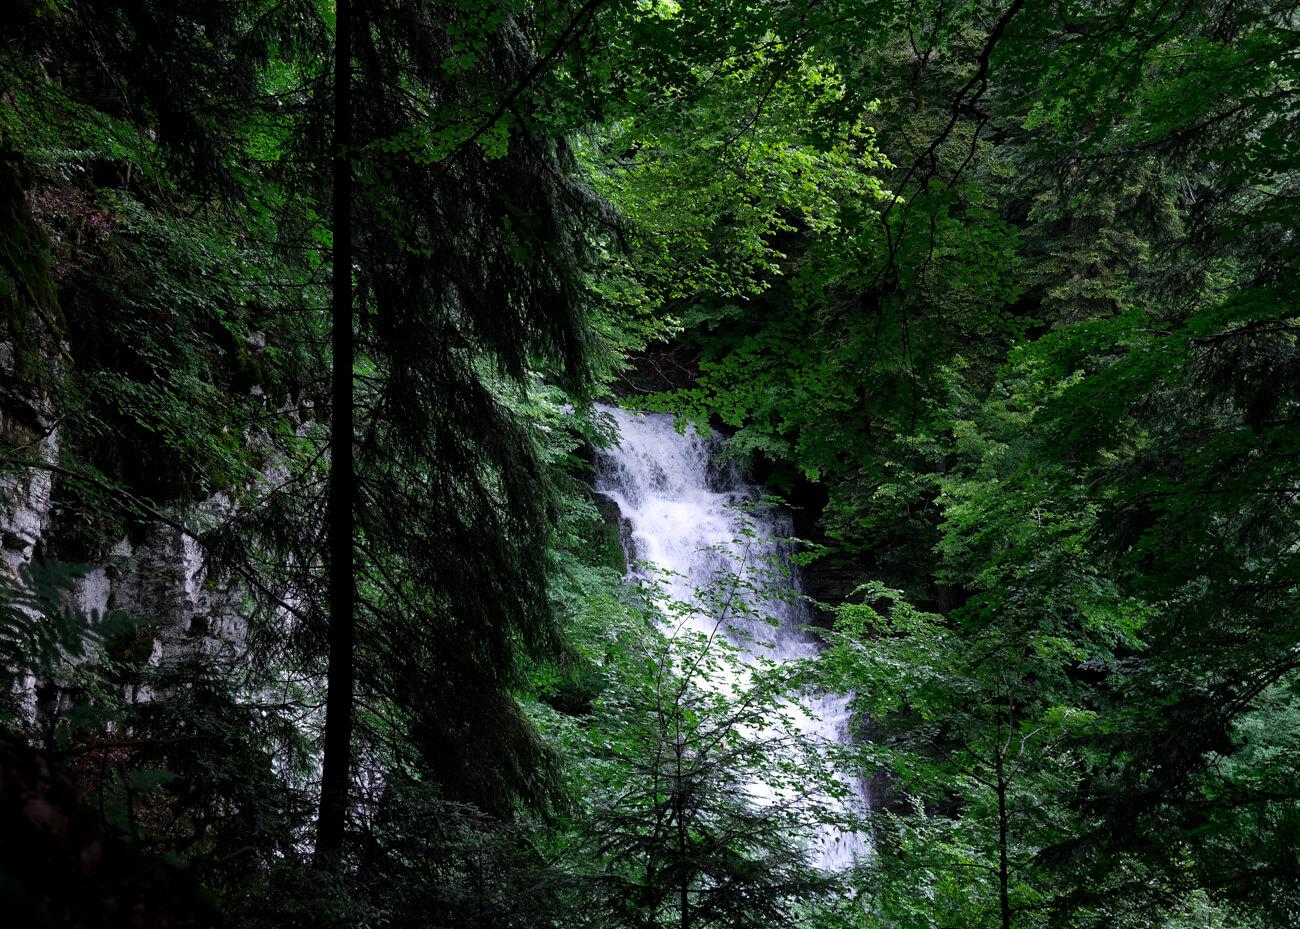 Cascades proches du lac d'Annecy - Cascade du creux de l'enfer vue du ravin